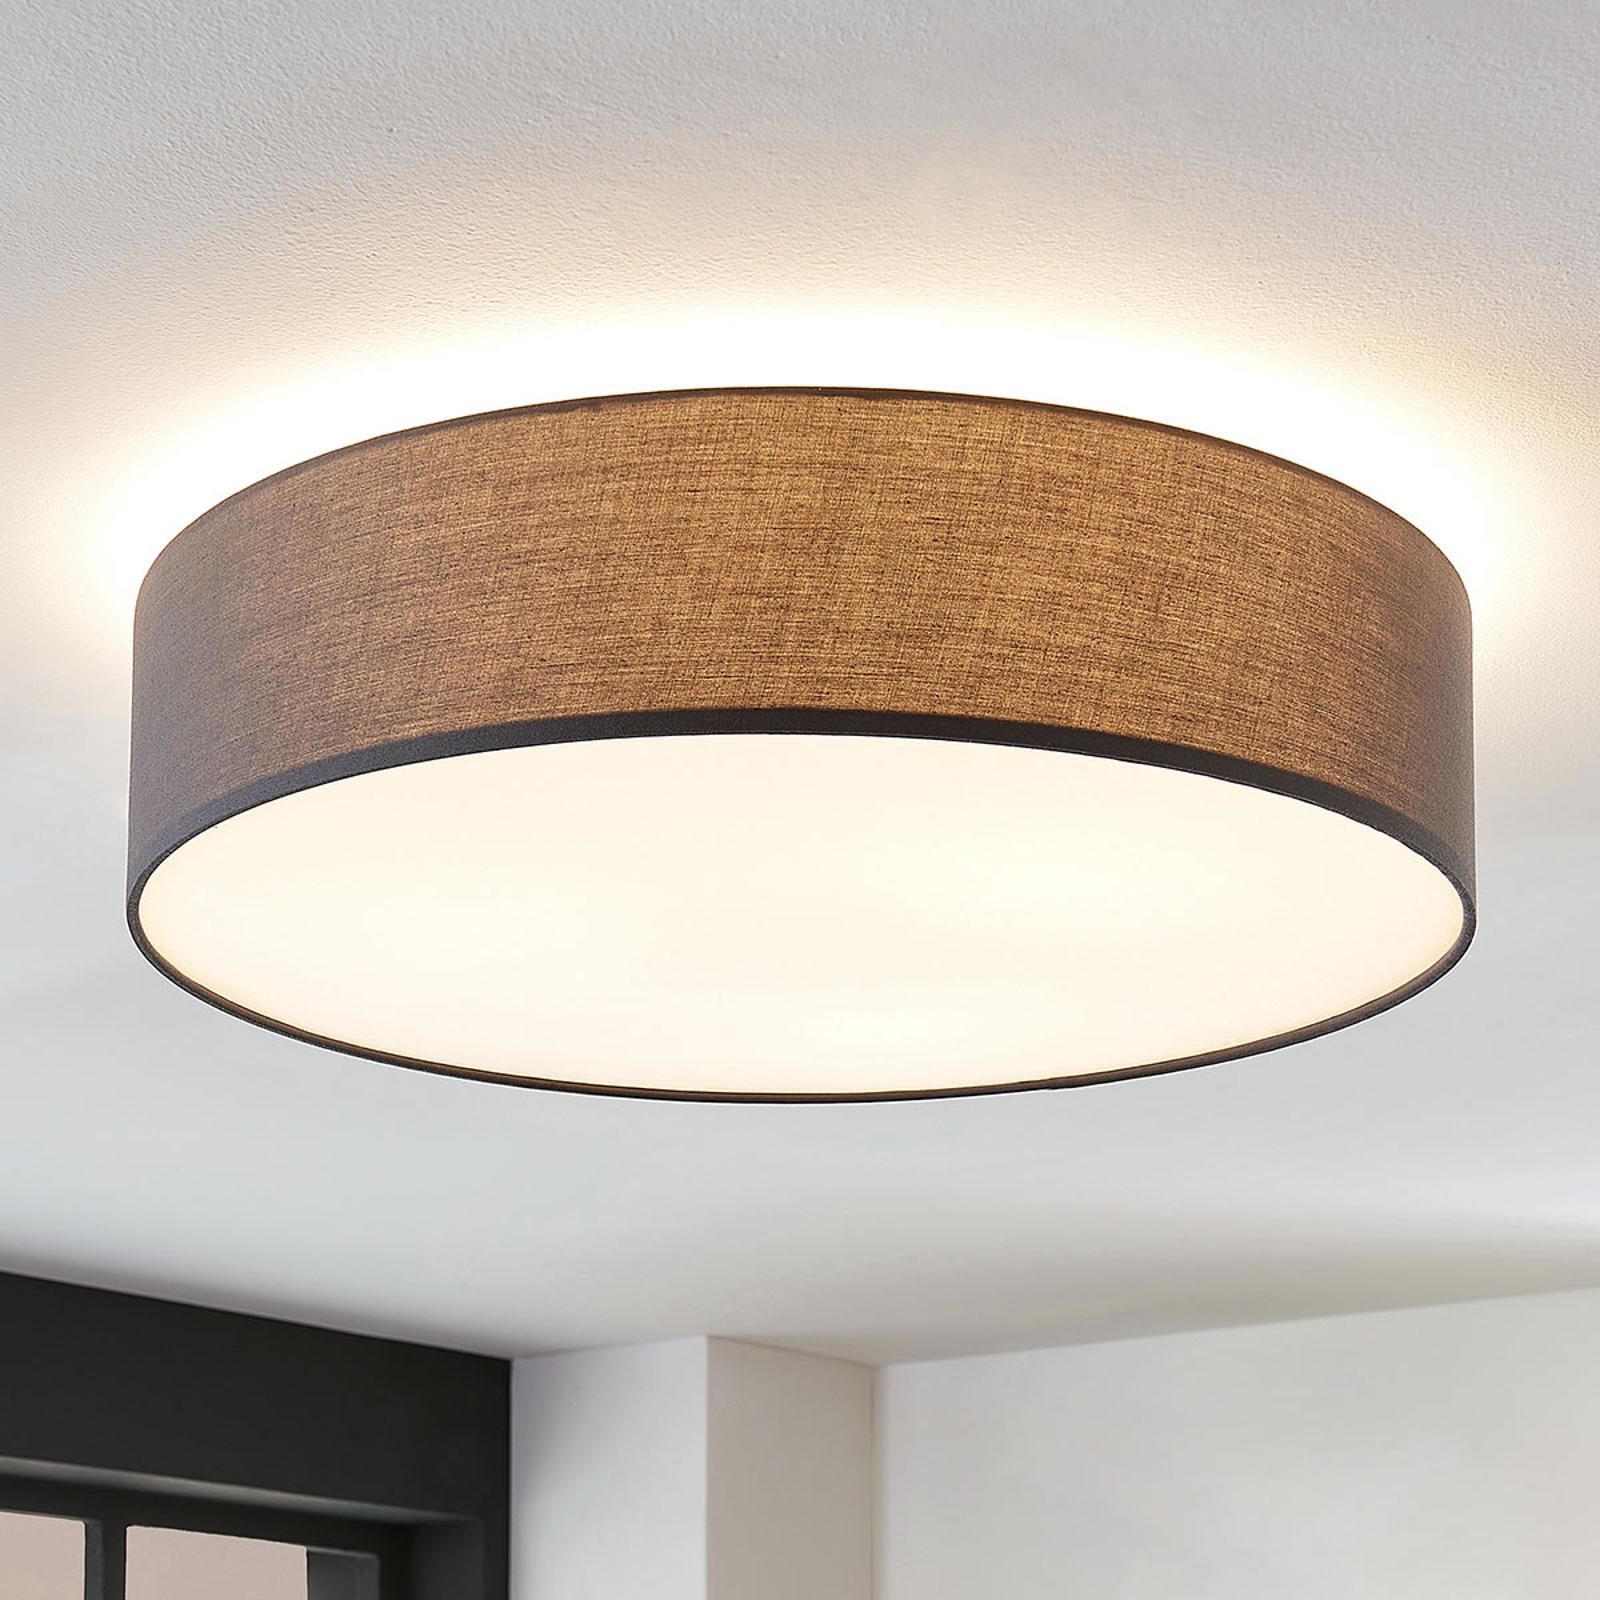 Stoff-Deckenlampe Gordana in Grau, 57 cm